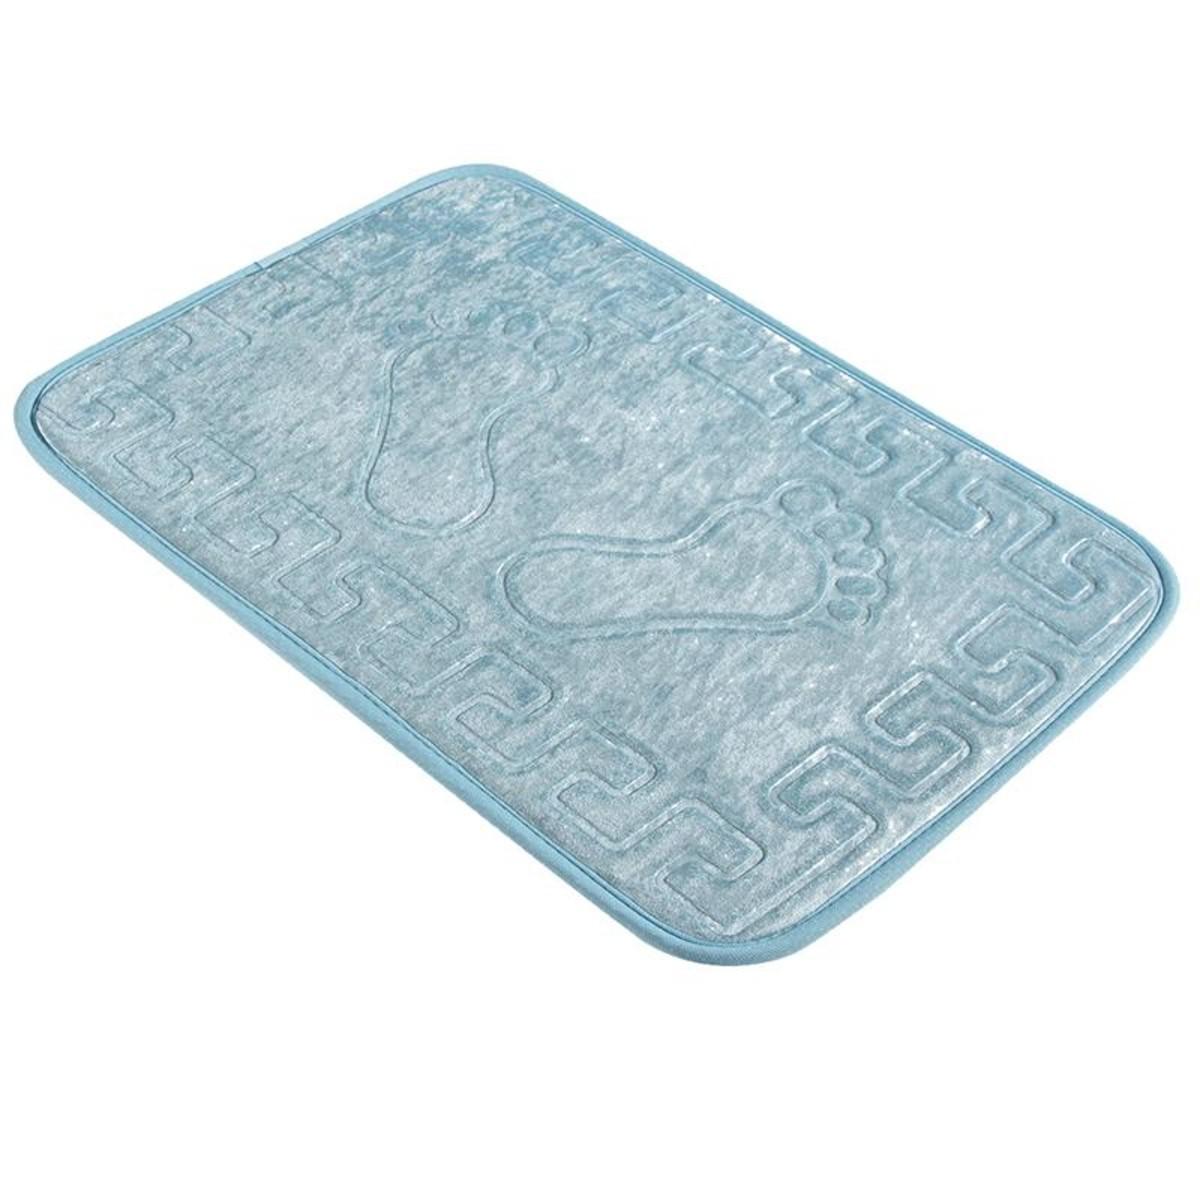 Коврик для ванной Aqua-Prime Foot 40Х60см (Голубой) 1/70